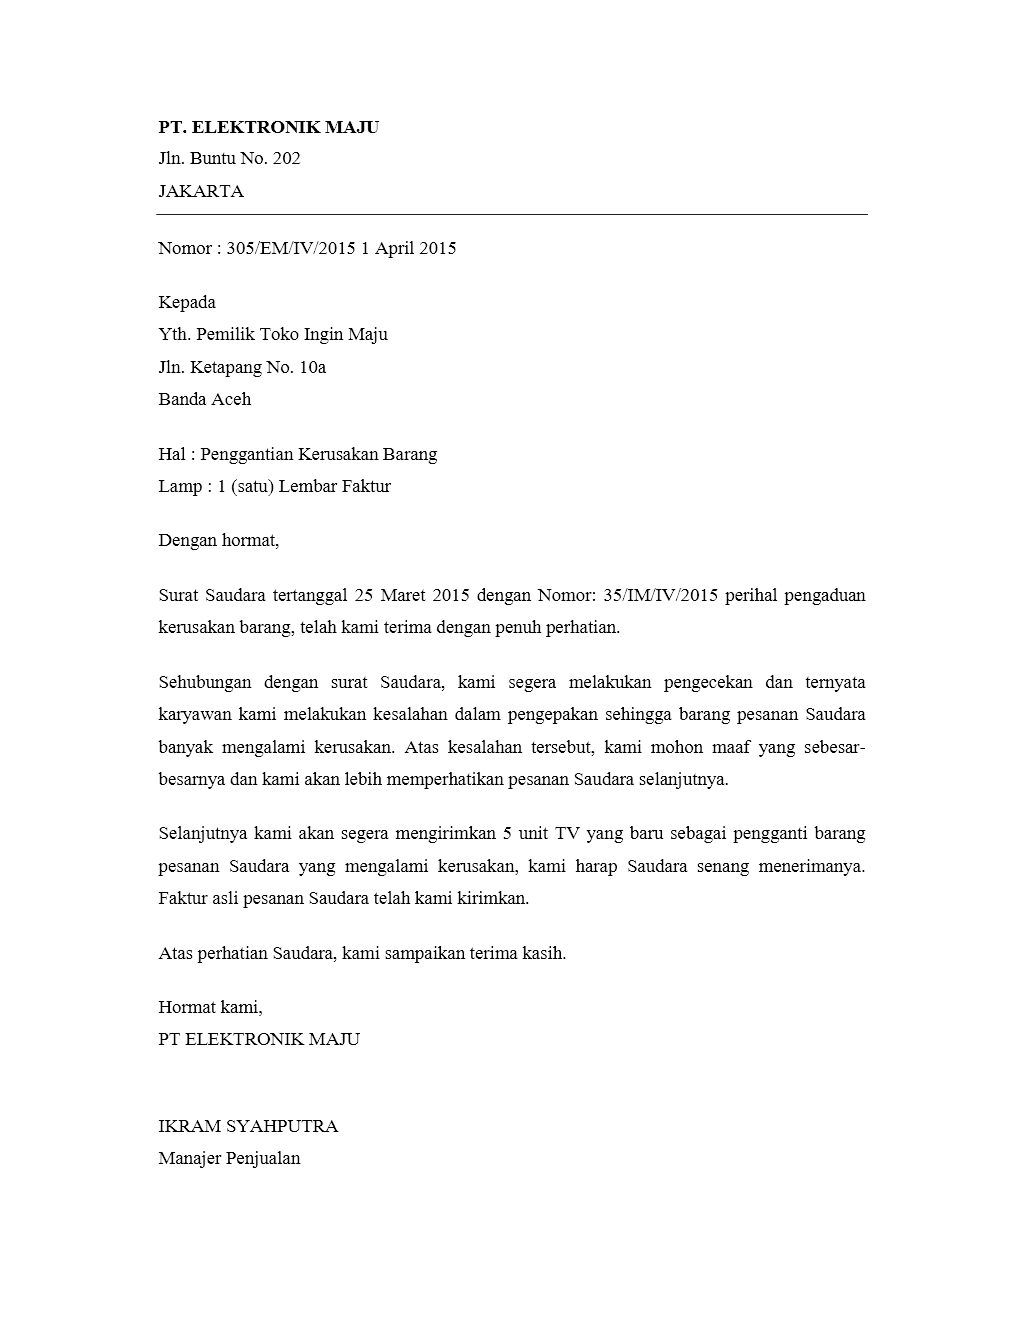 contoh surat jawaban pengaduan untuk pembeli kumpulan